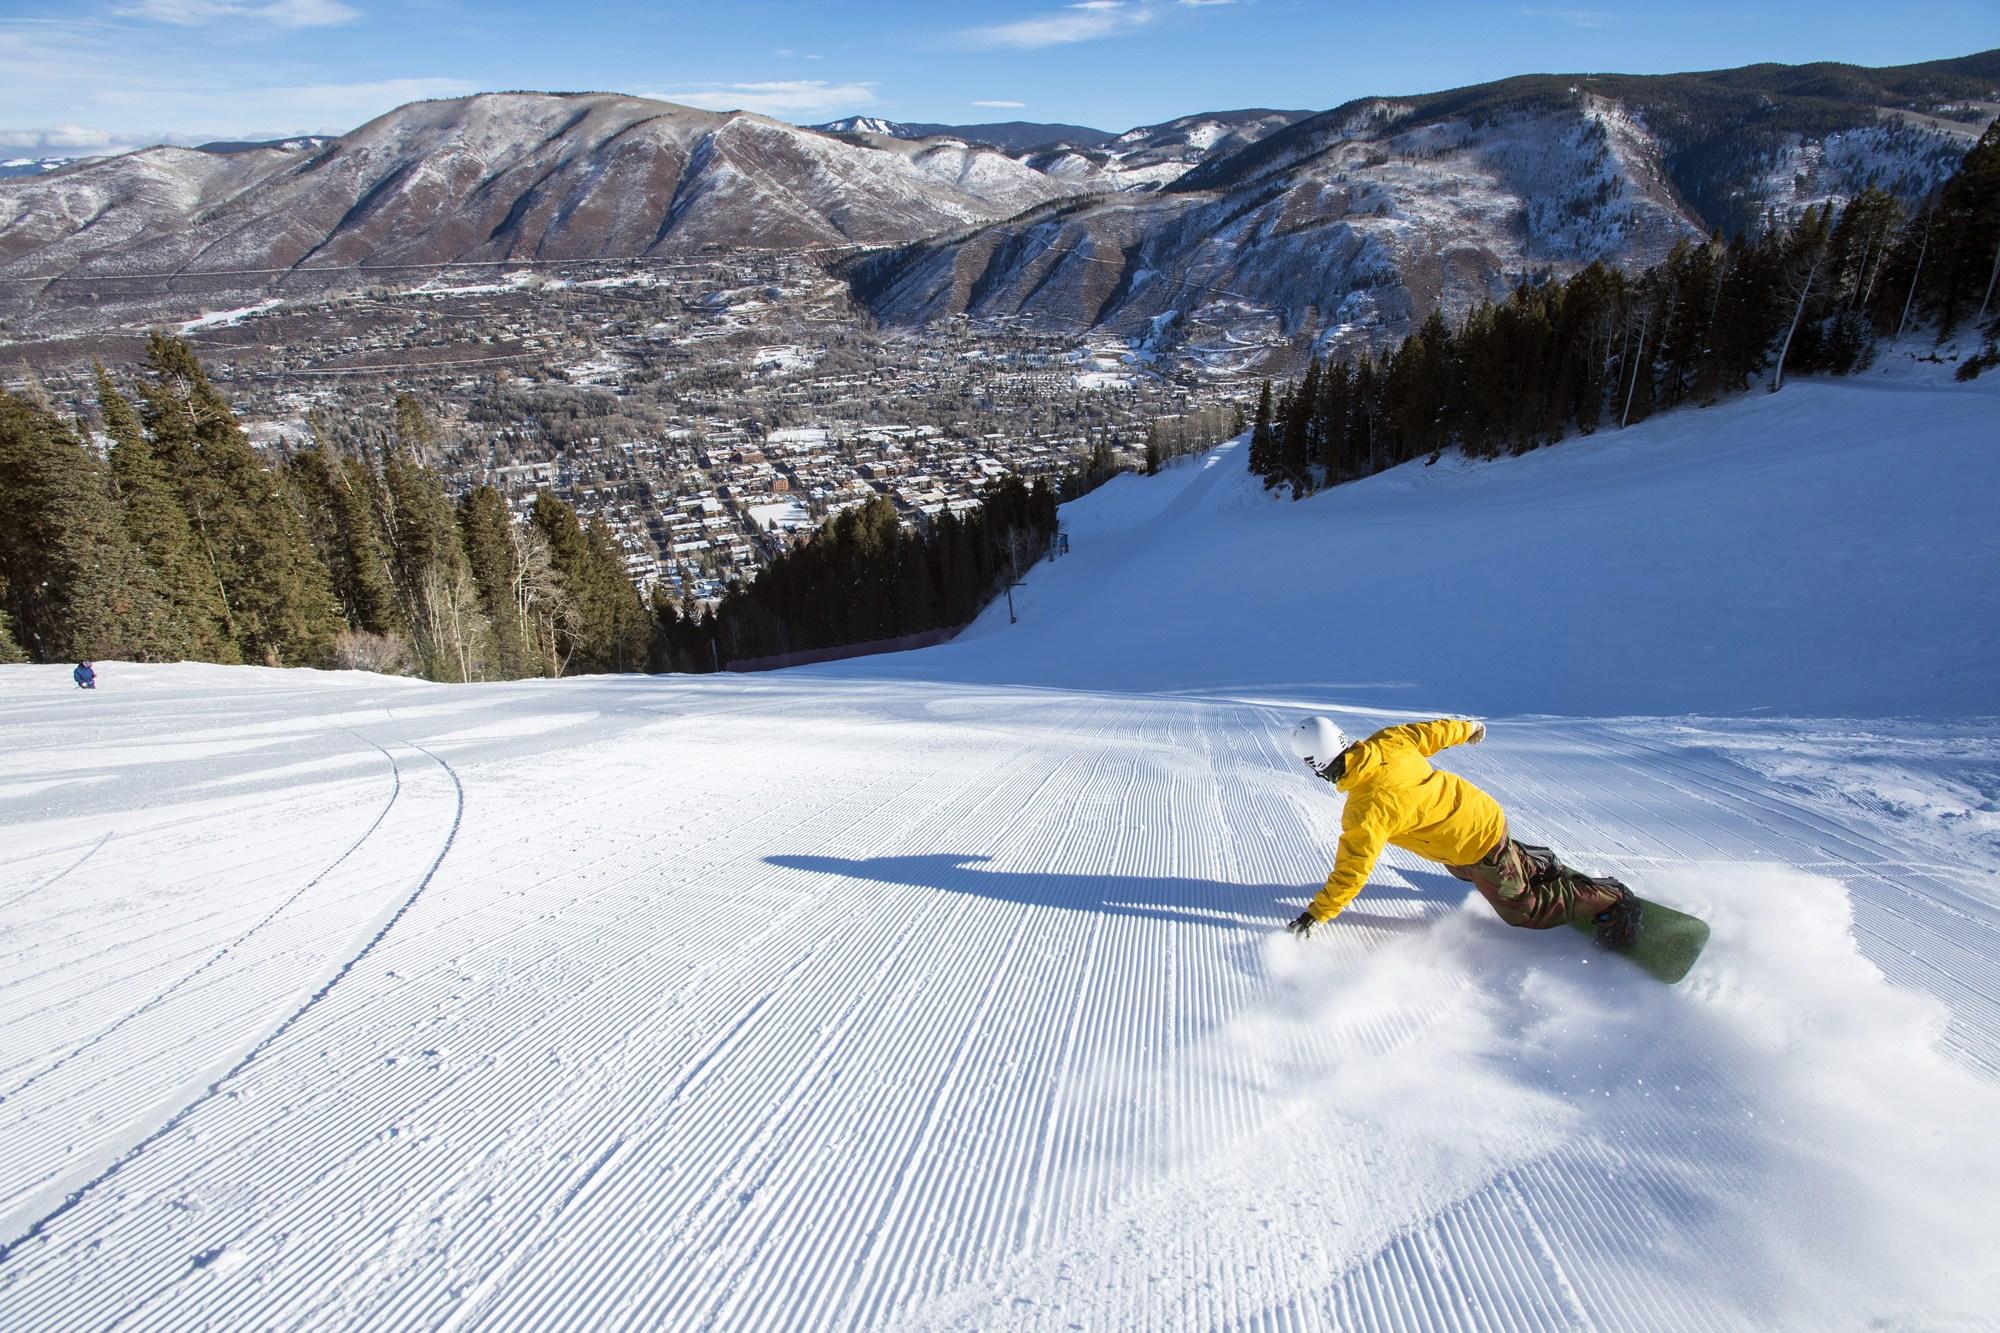 Ikon Pass Colorado